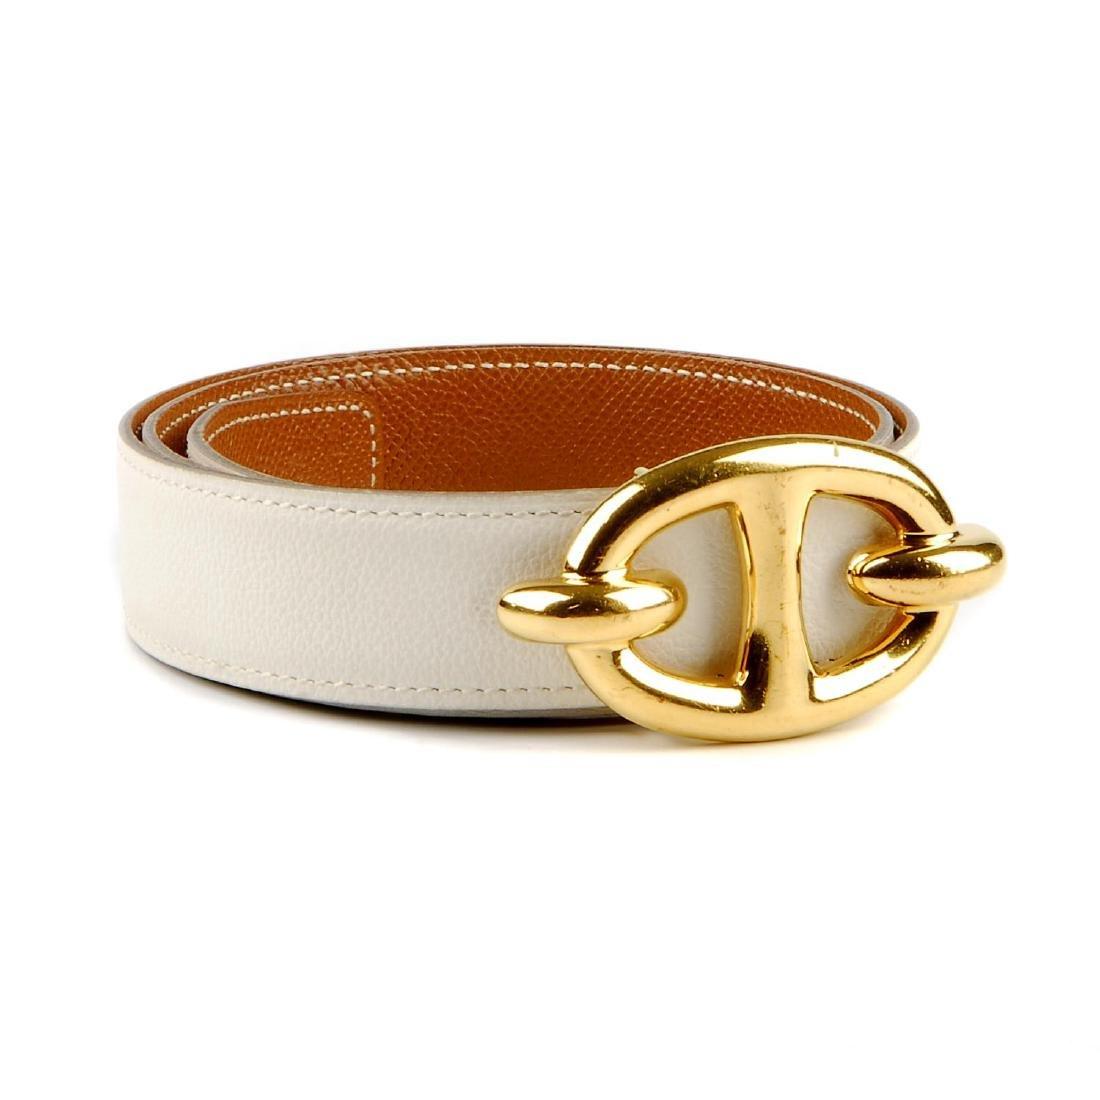 HERMÈS - a Chaine d'ancre reversible belt. Designed